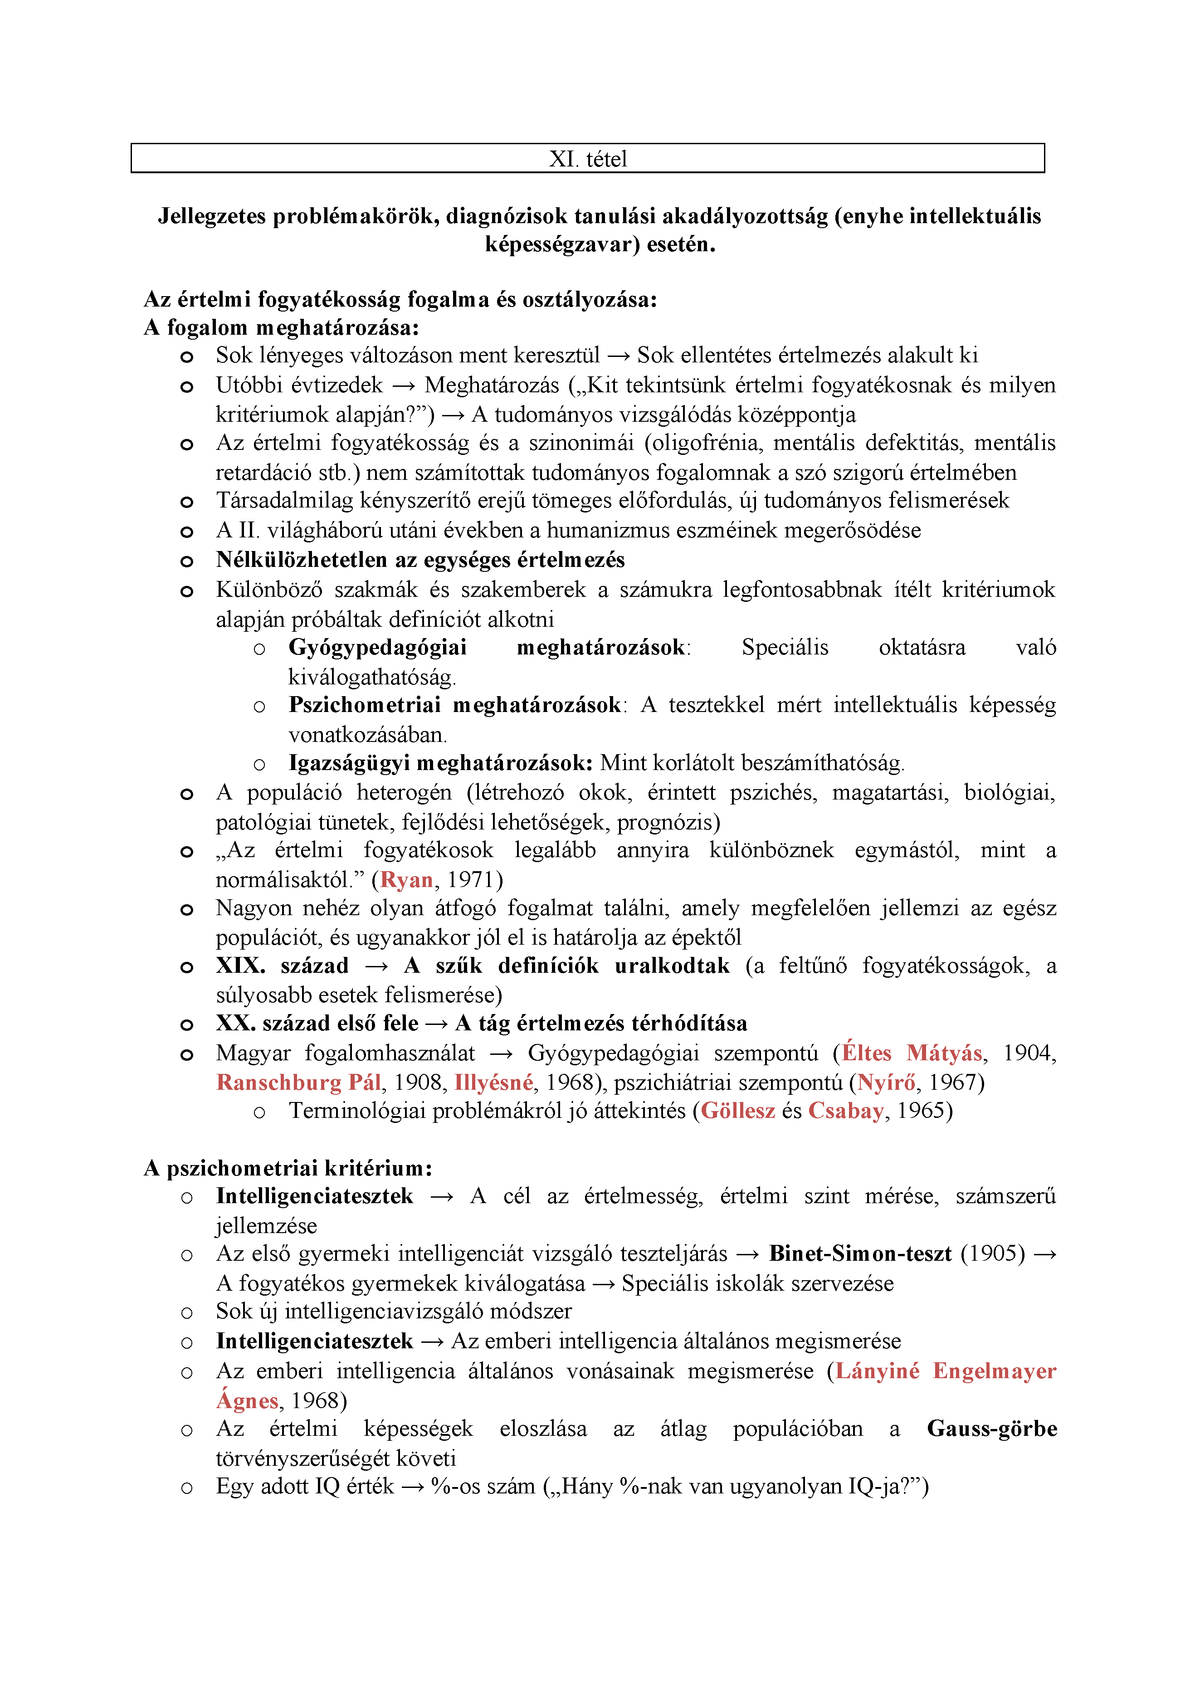 a hipertónia fogyatékosságának kritériumai)